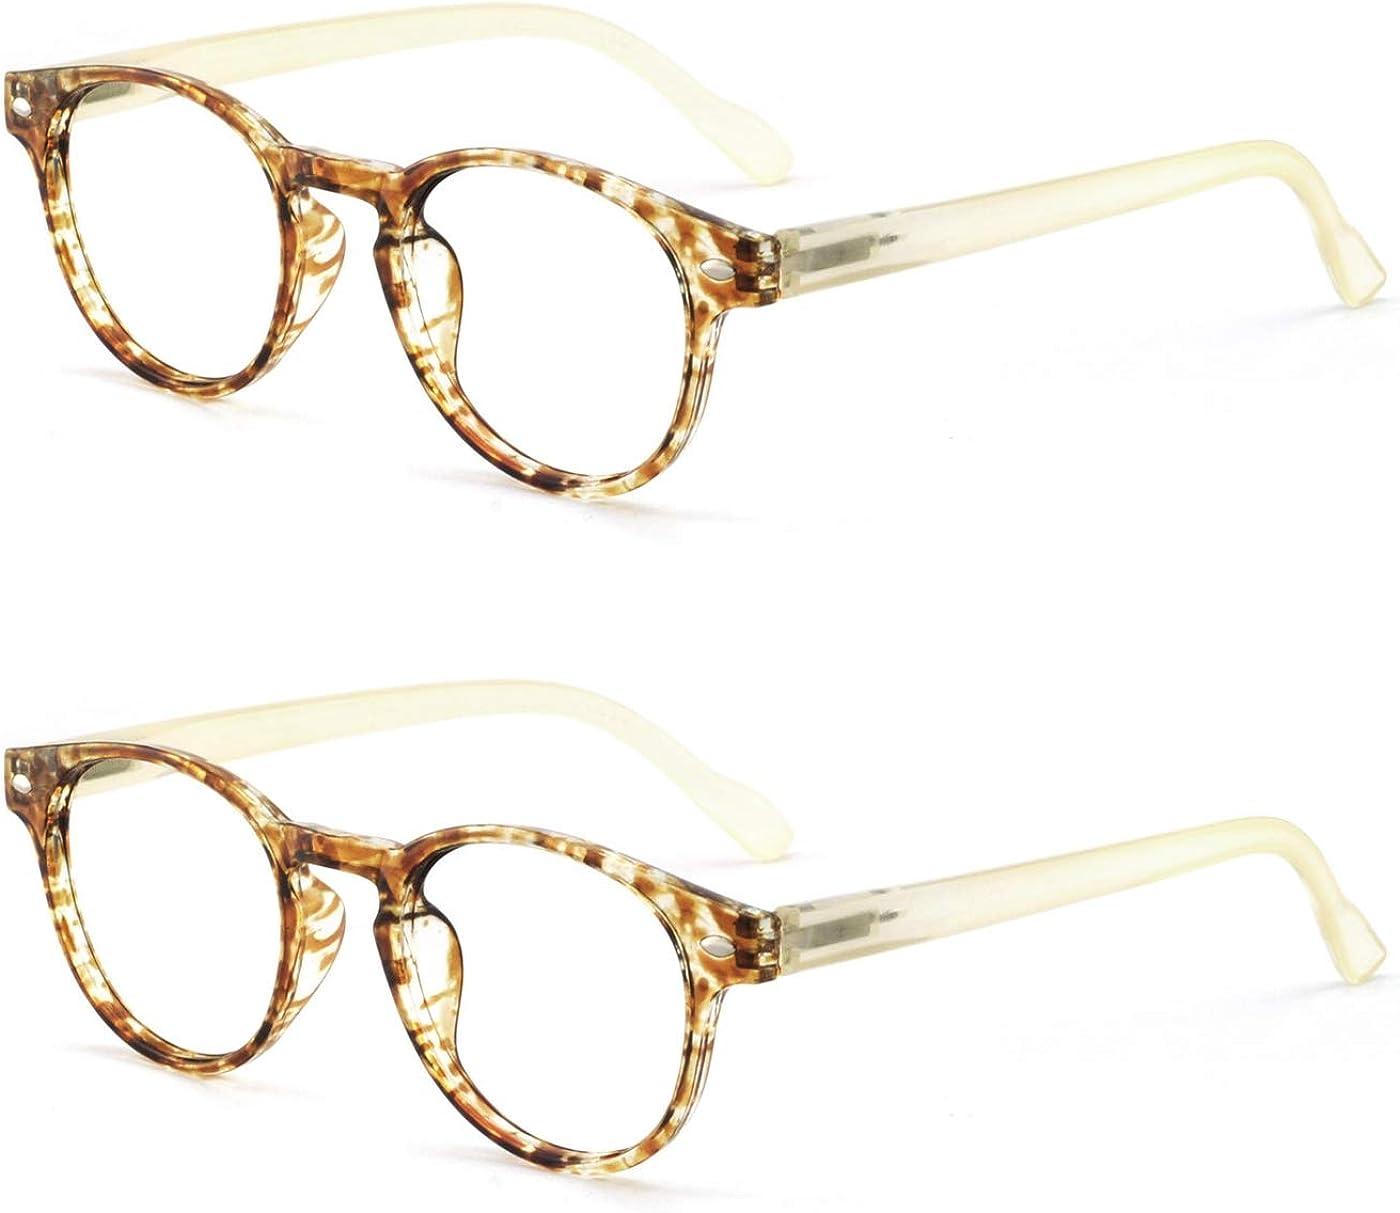 Buy OCCI CHIARI 20 Pack Women's Reading Glasses Lightweight Reader ...